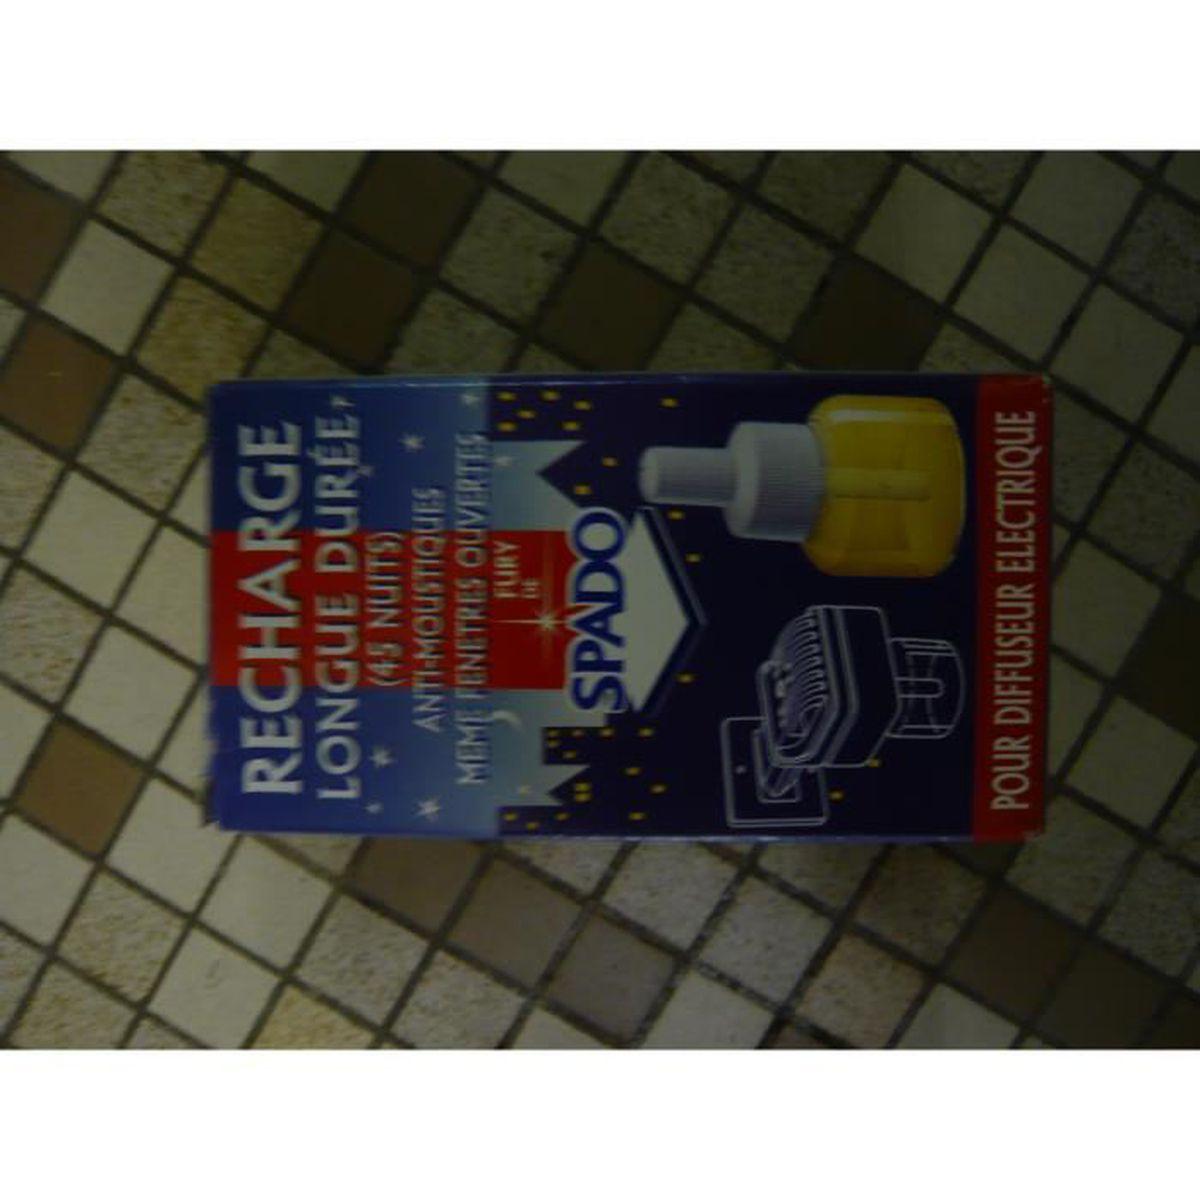 PRODUIT INSECTICIDE Recharge liquide pour diffuseur anti-moustques SPA